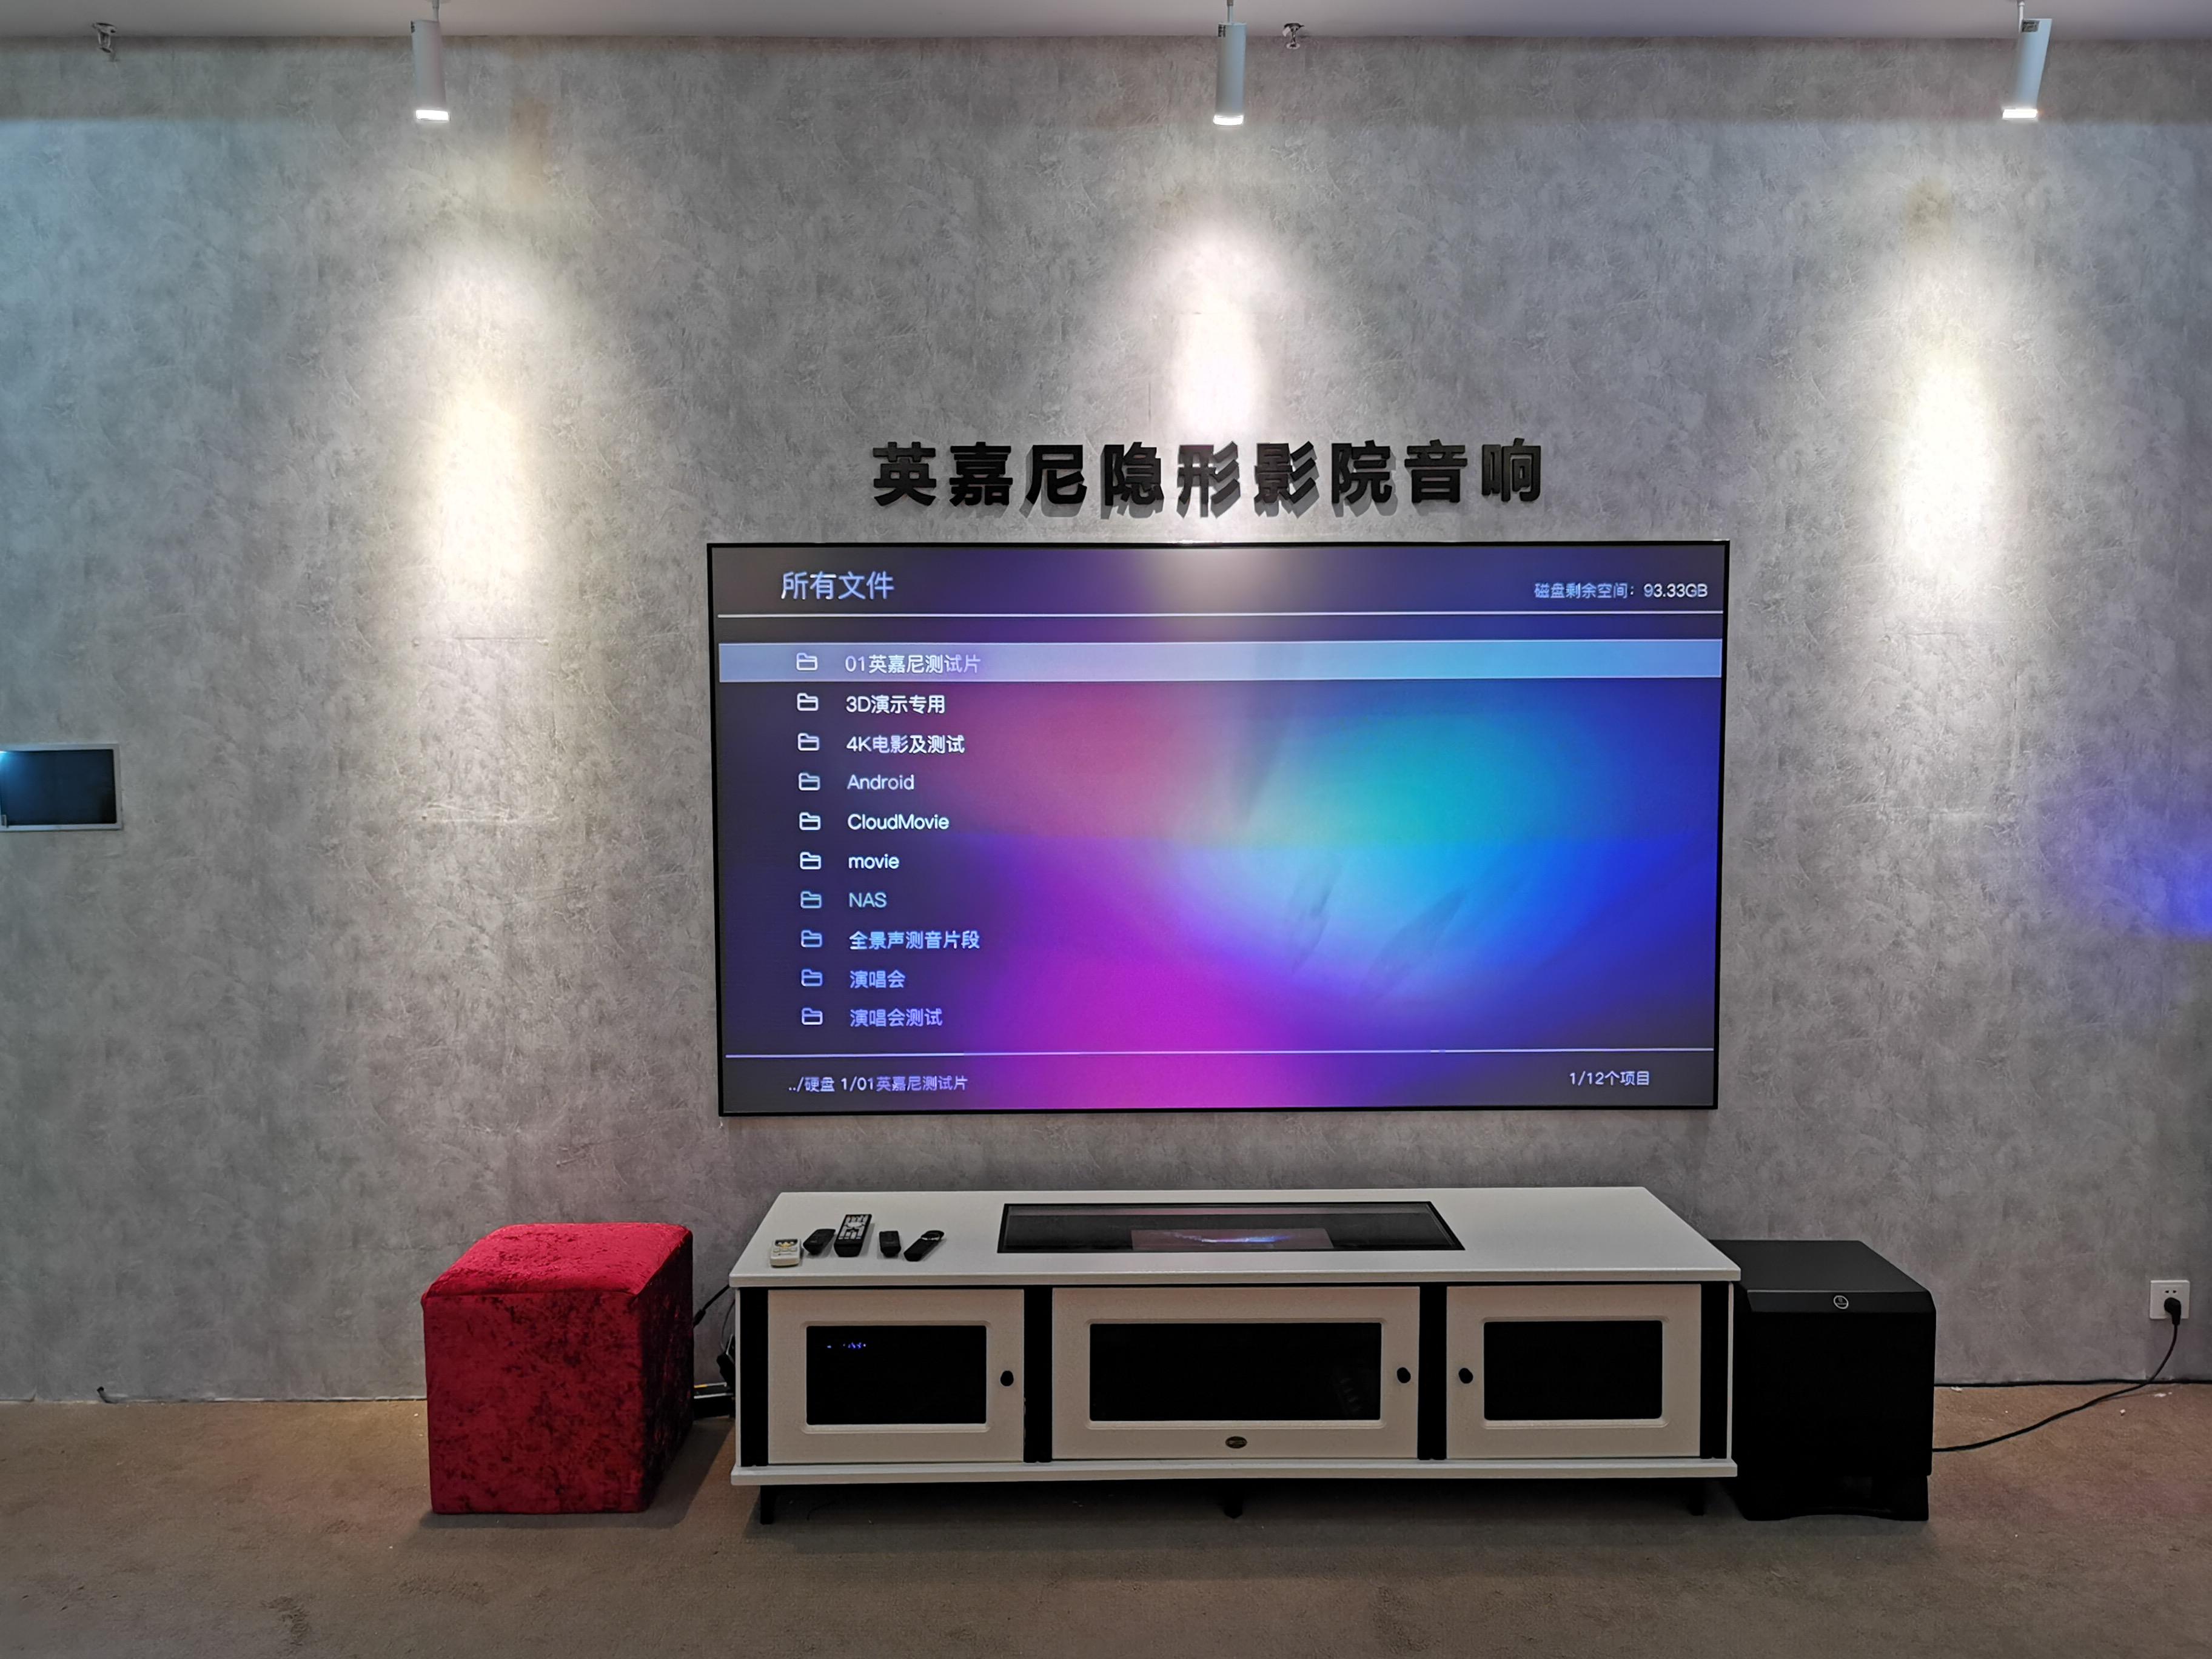 简约 别墅 客厅 家庭影院 智能家居 智能影院 客厅影院 隐形音箱 隐形音响图片来自英嘉尼隐形音响在英嘉尼总部智能隐形客厅影院系统的分享